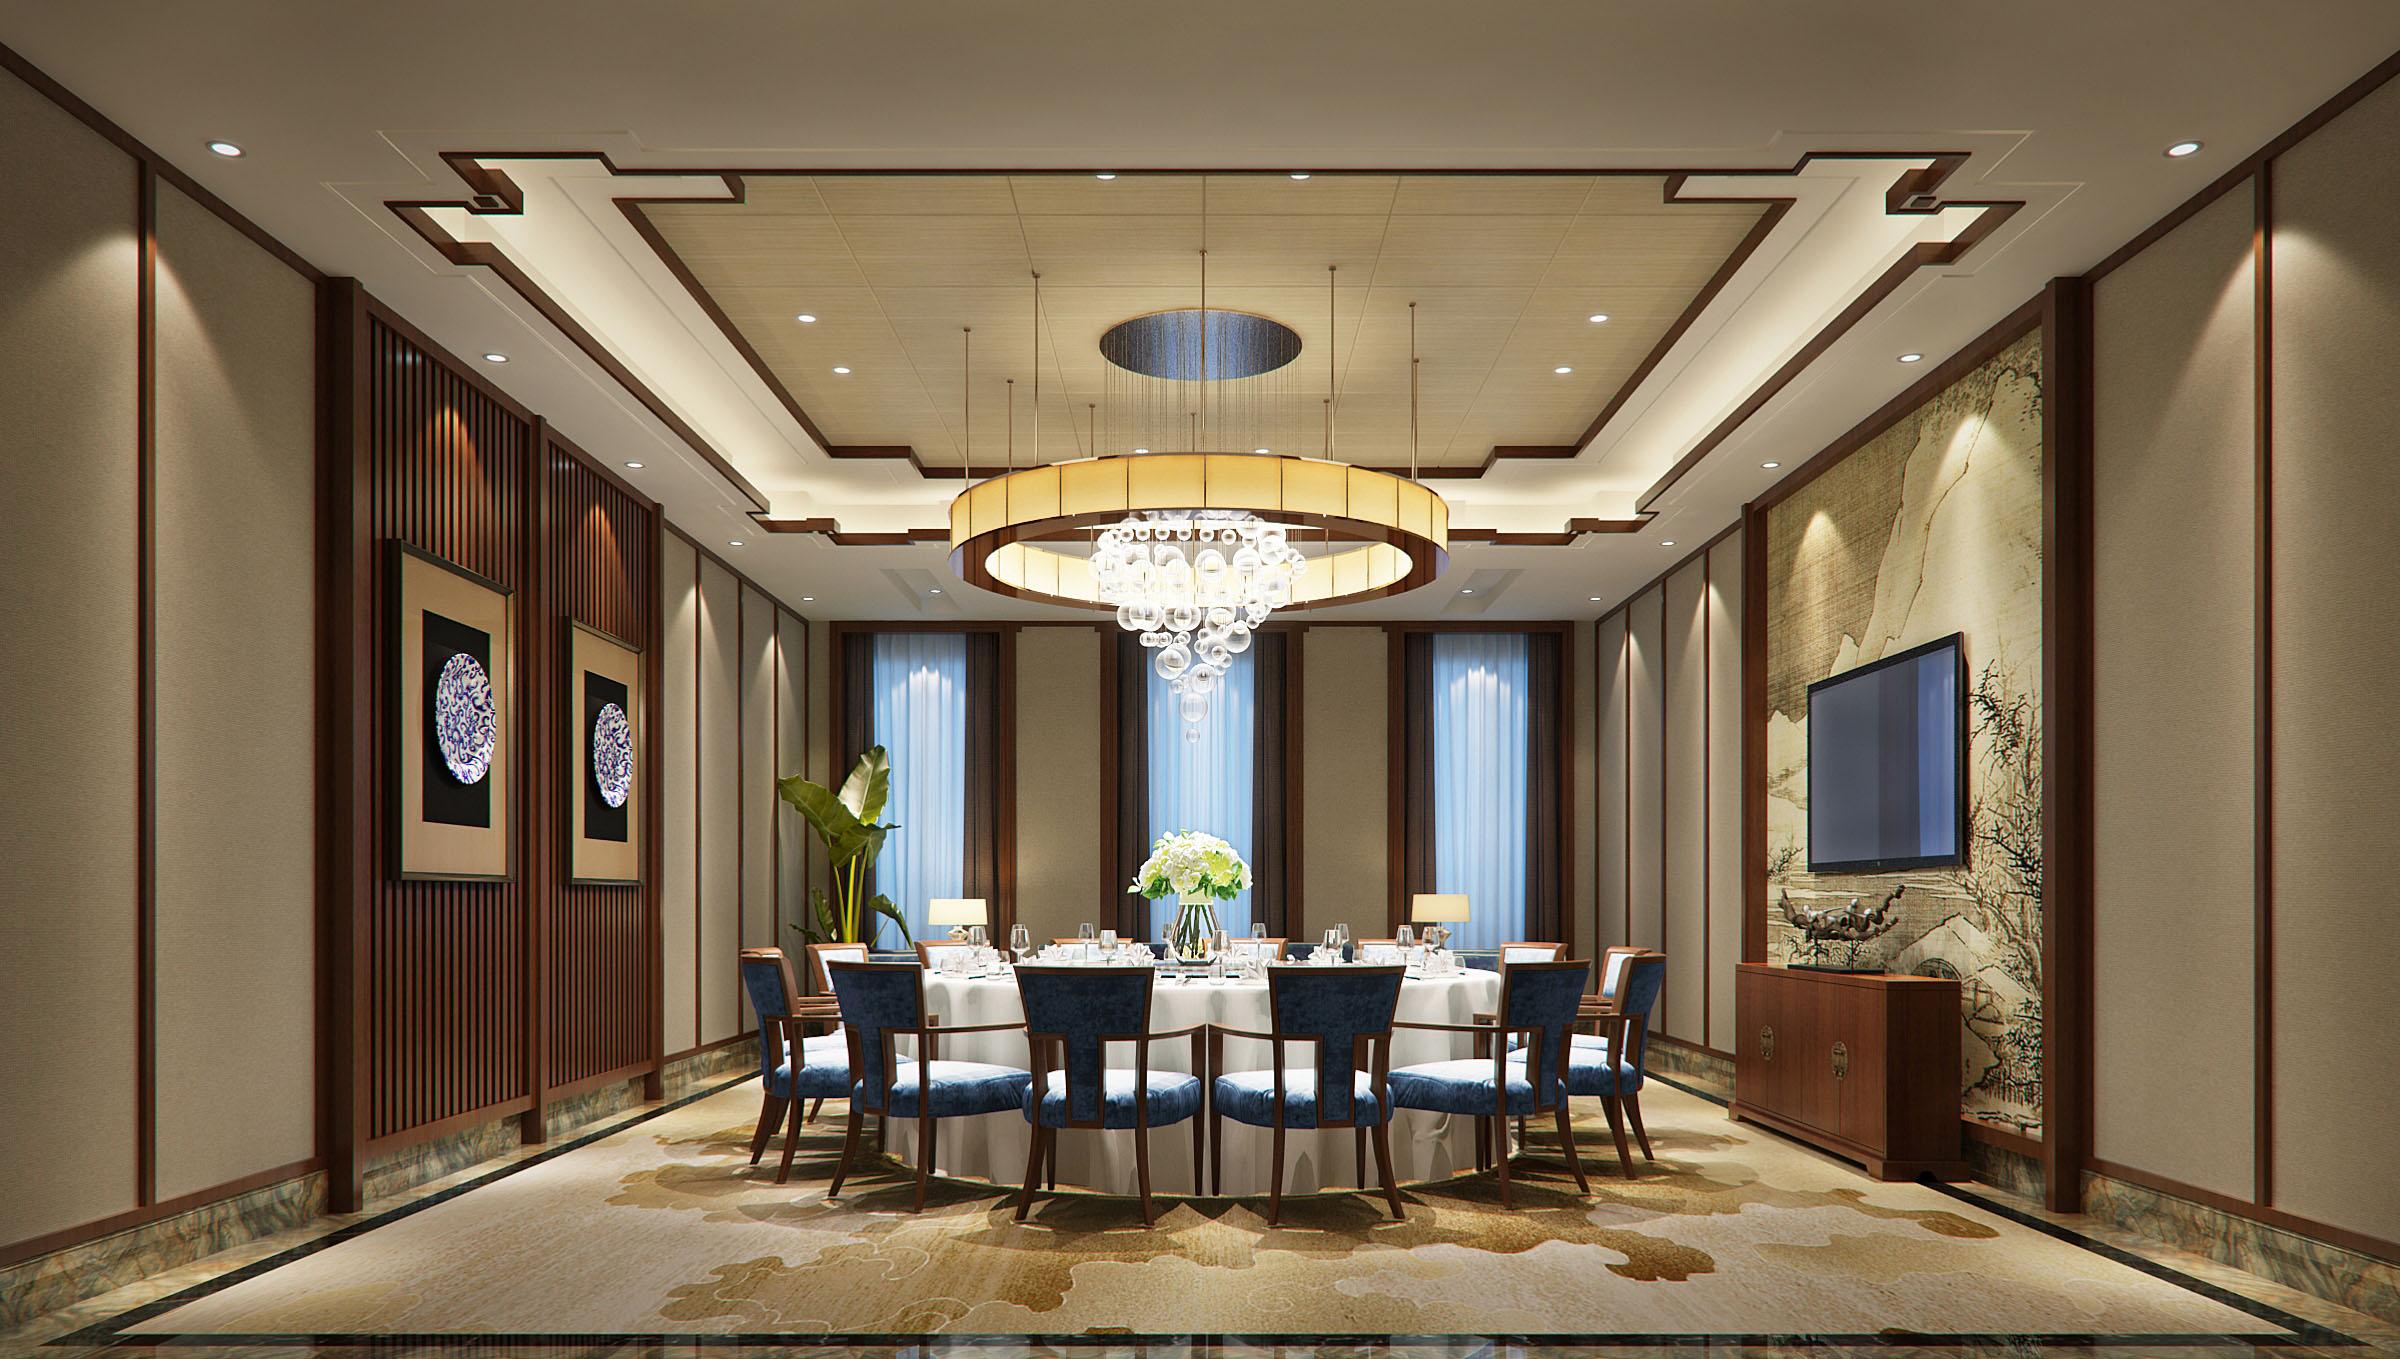 中式餐厅-设计案例-湖北汉人空间装饰设计工程有限公司